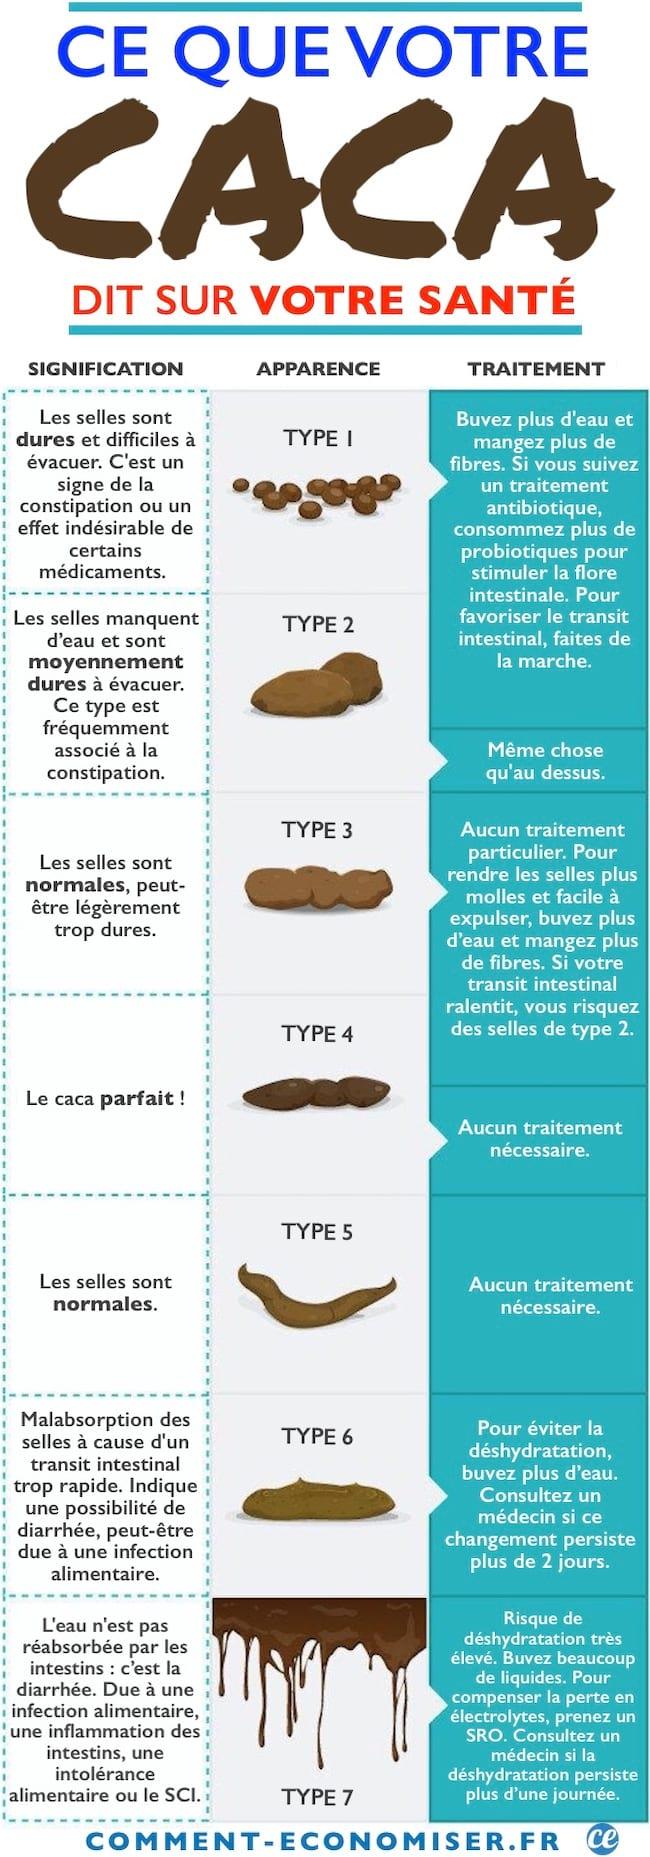 Faire caca fait-il maigrir ? - Le blog davidpicot.fr